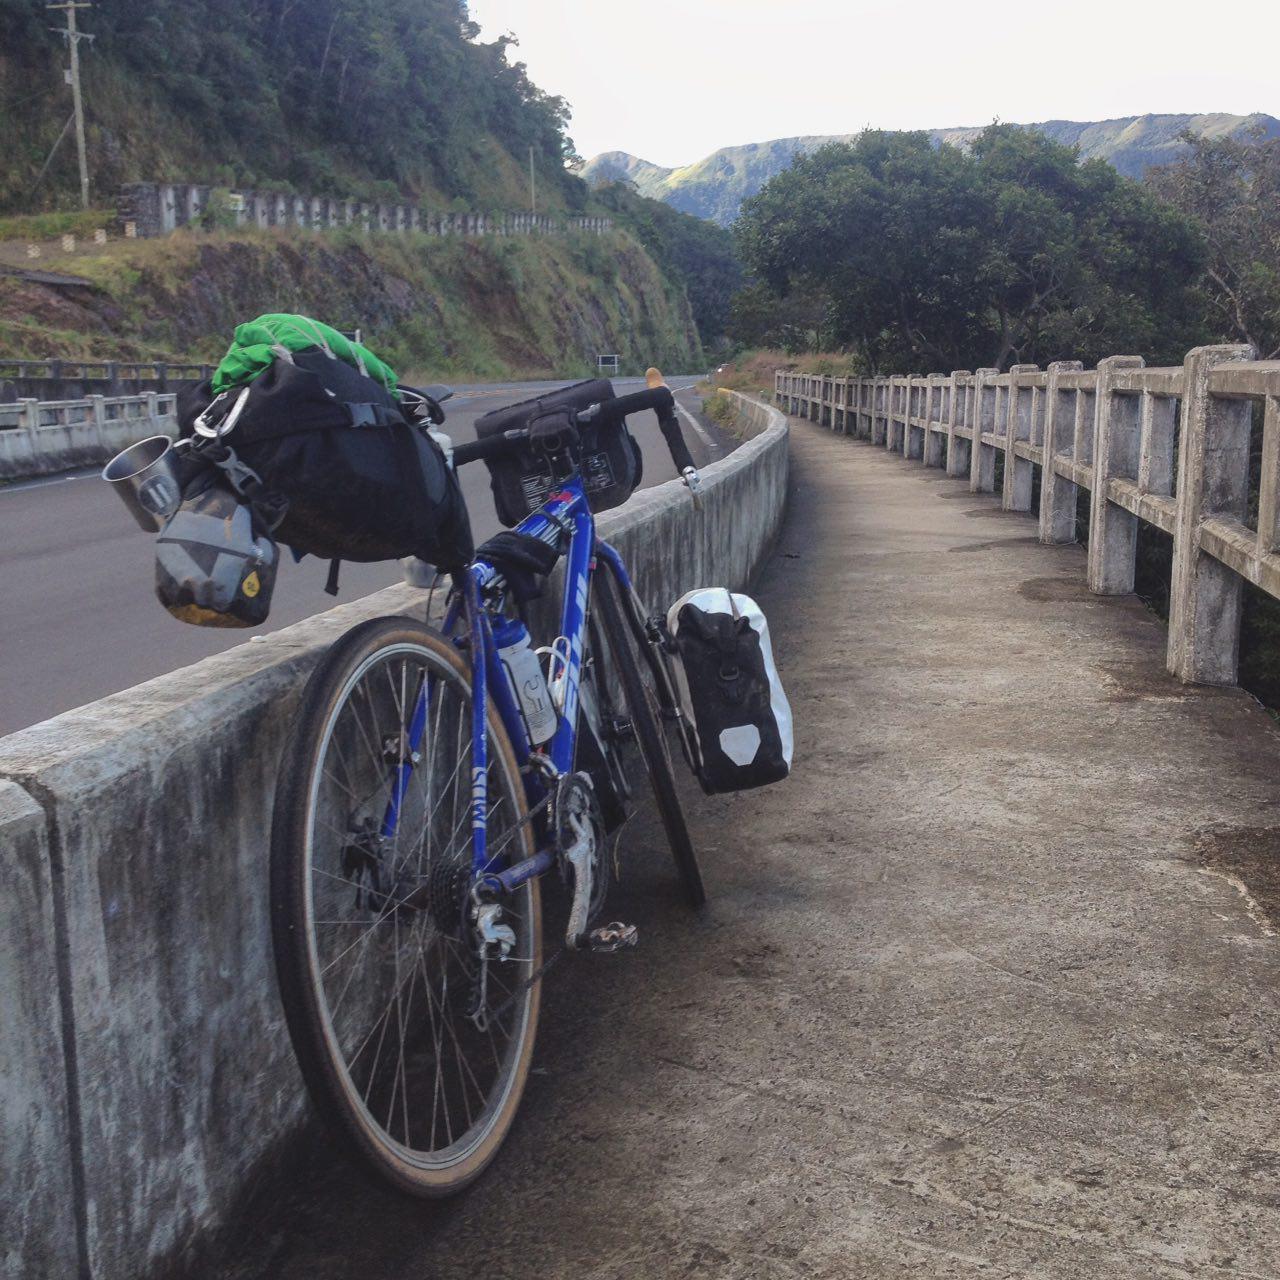 bikehandling brasil bikepacking cicloturismo (4)